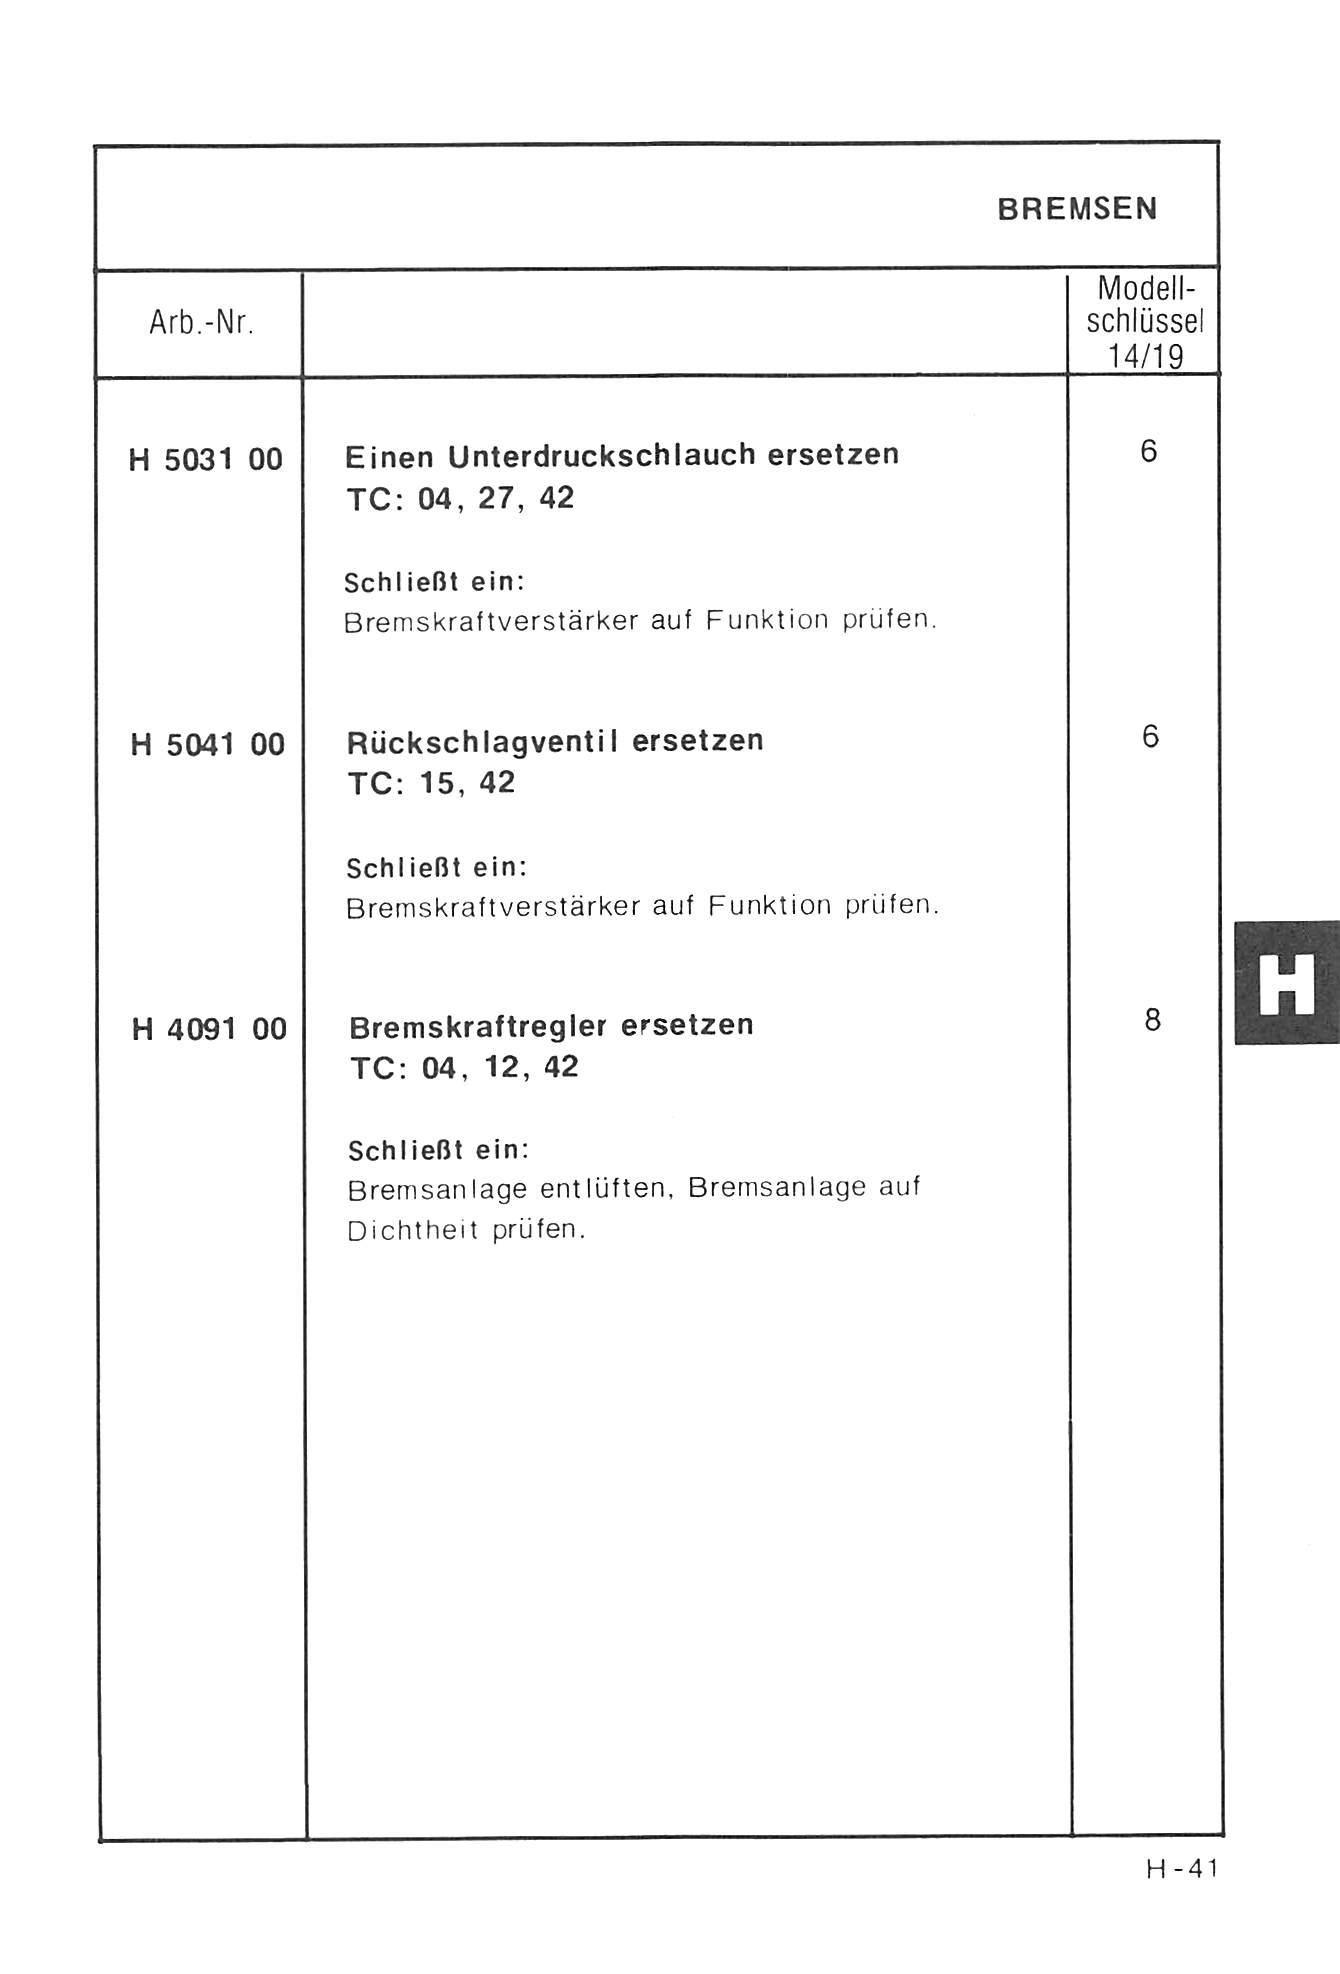 Fantastisch Ersetzen Eines Dreiwegschalters Ideen - Schaltplan Serie ...